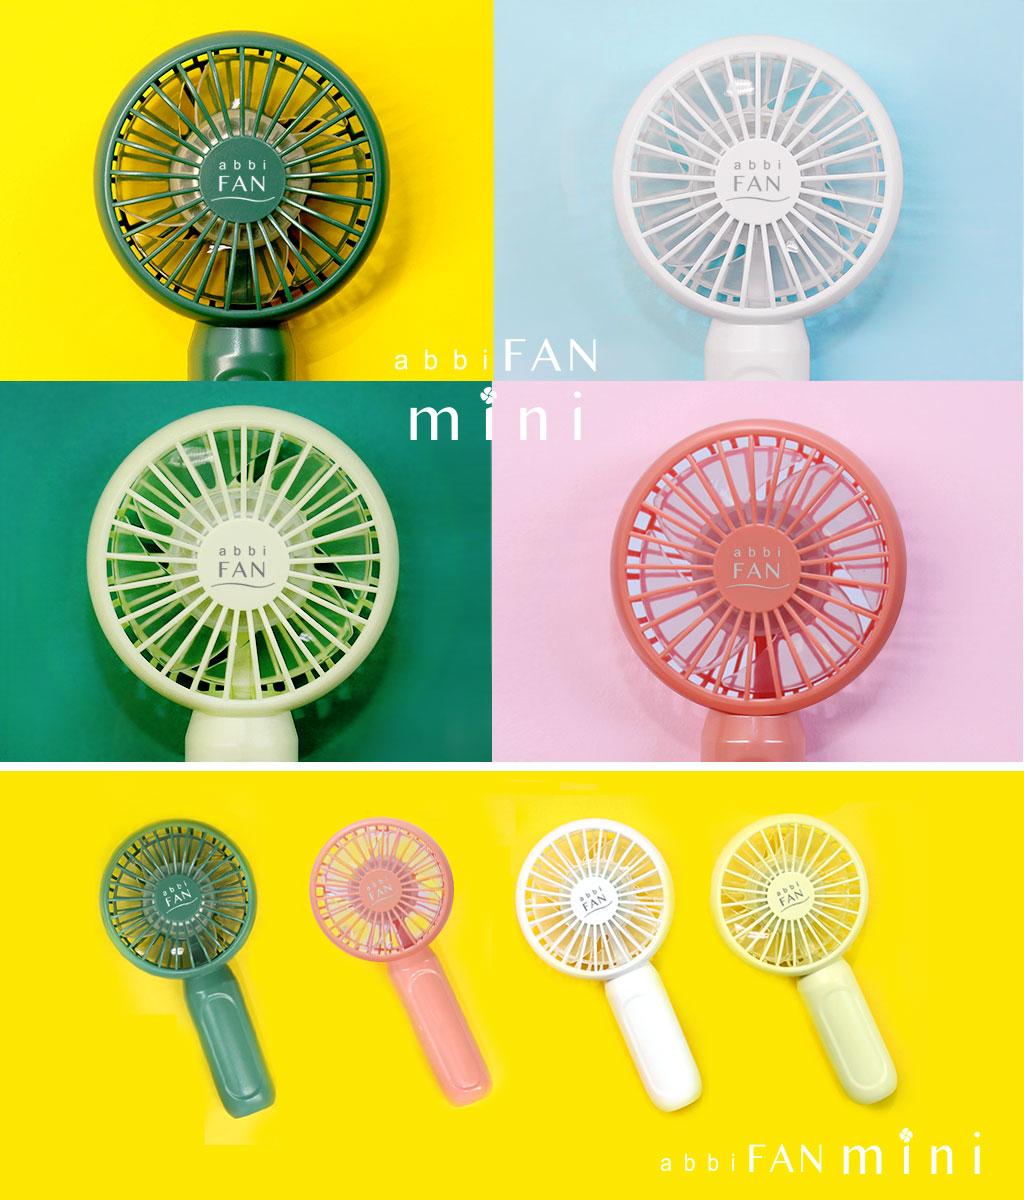 abbi Fan mini ウルトラミニ 静音 扇風機